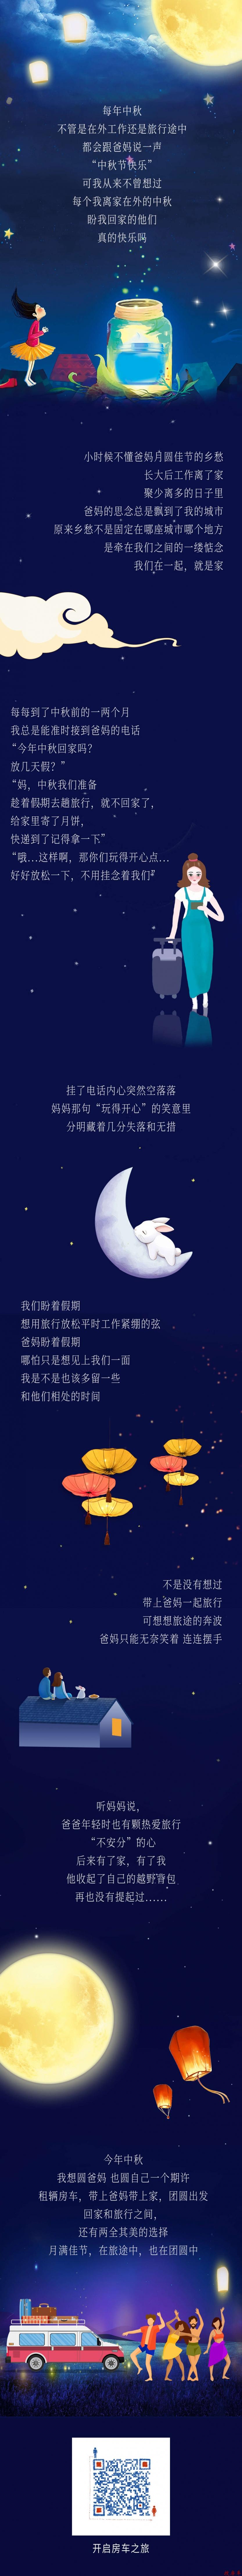 中秋插画长图文2压缩